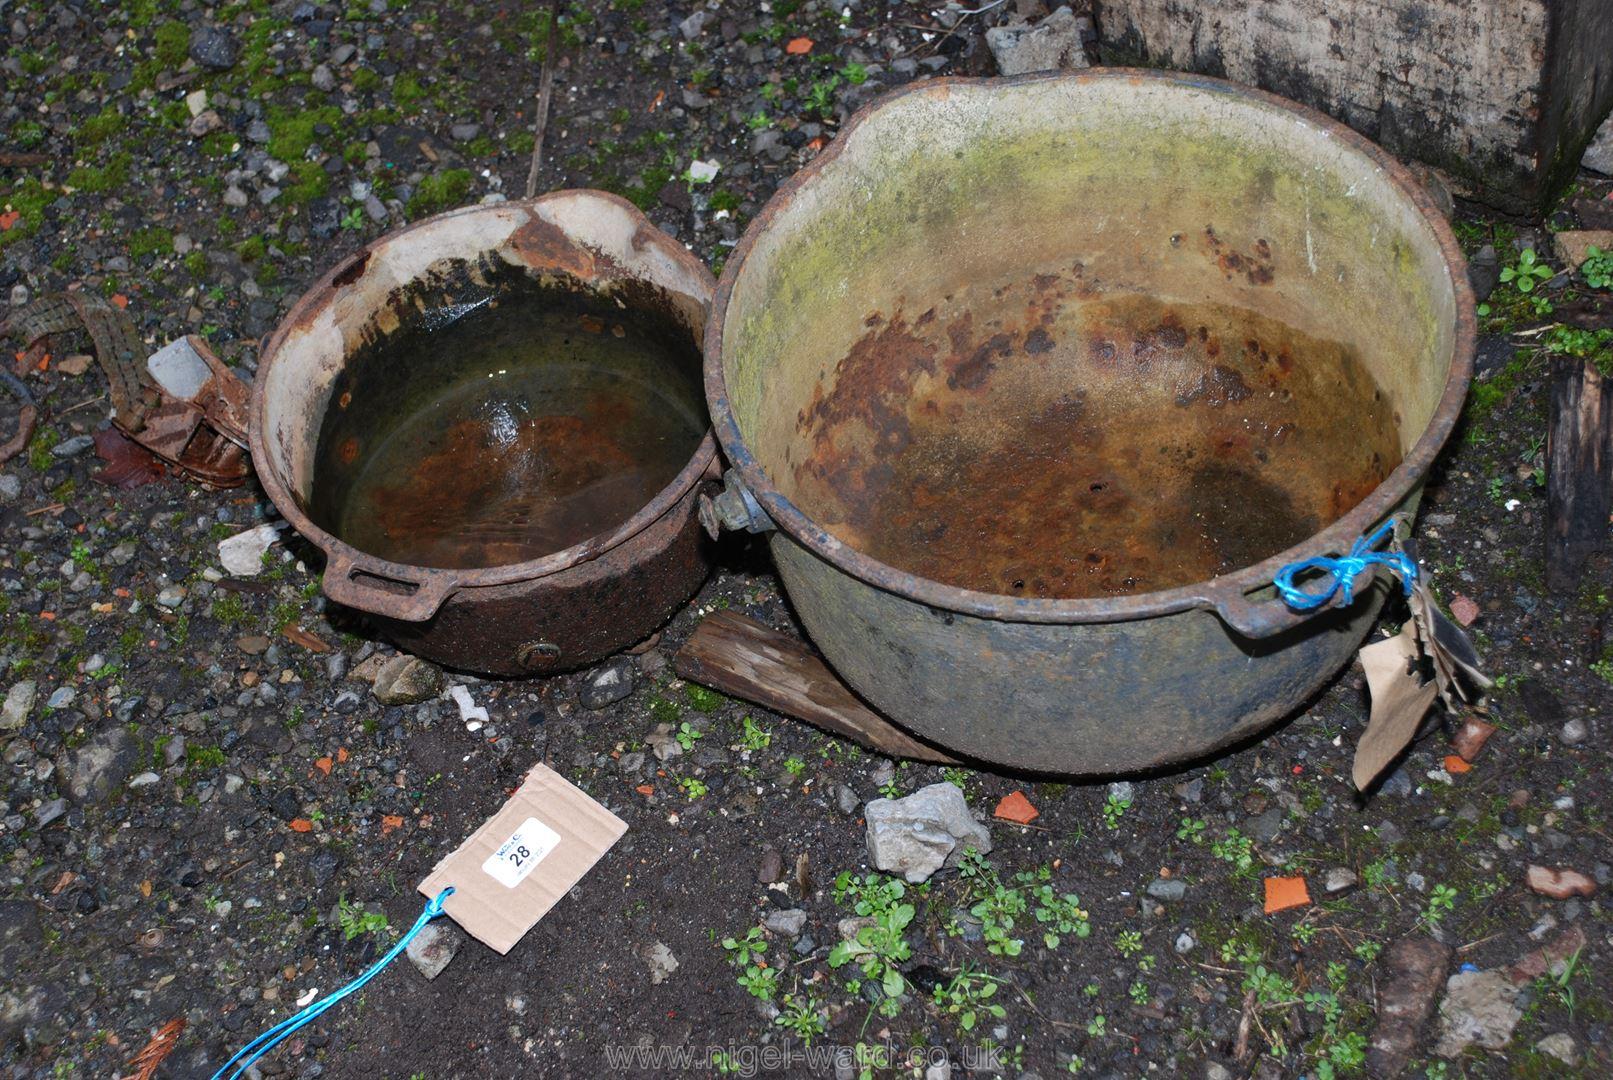 Two cast pots